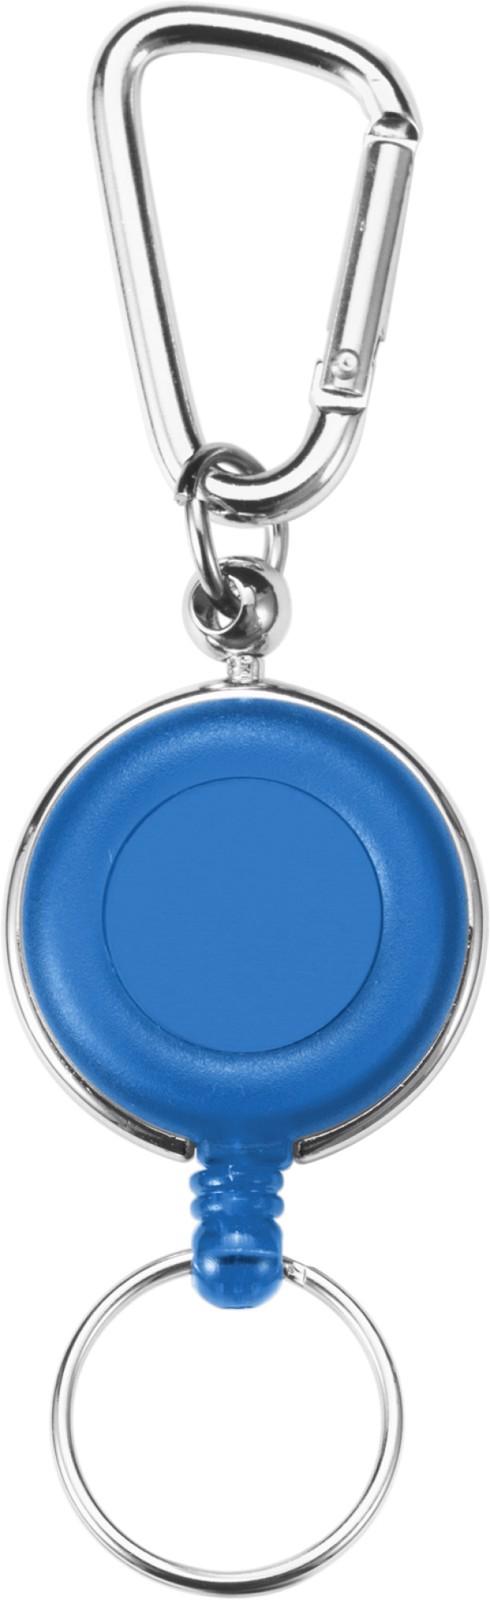 ABS pass holder - Cobalt Blue